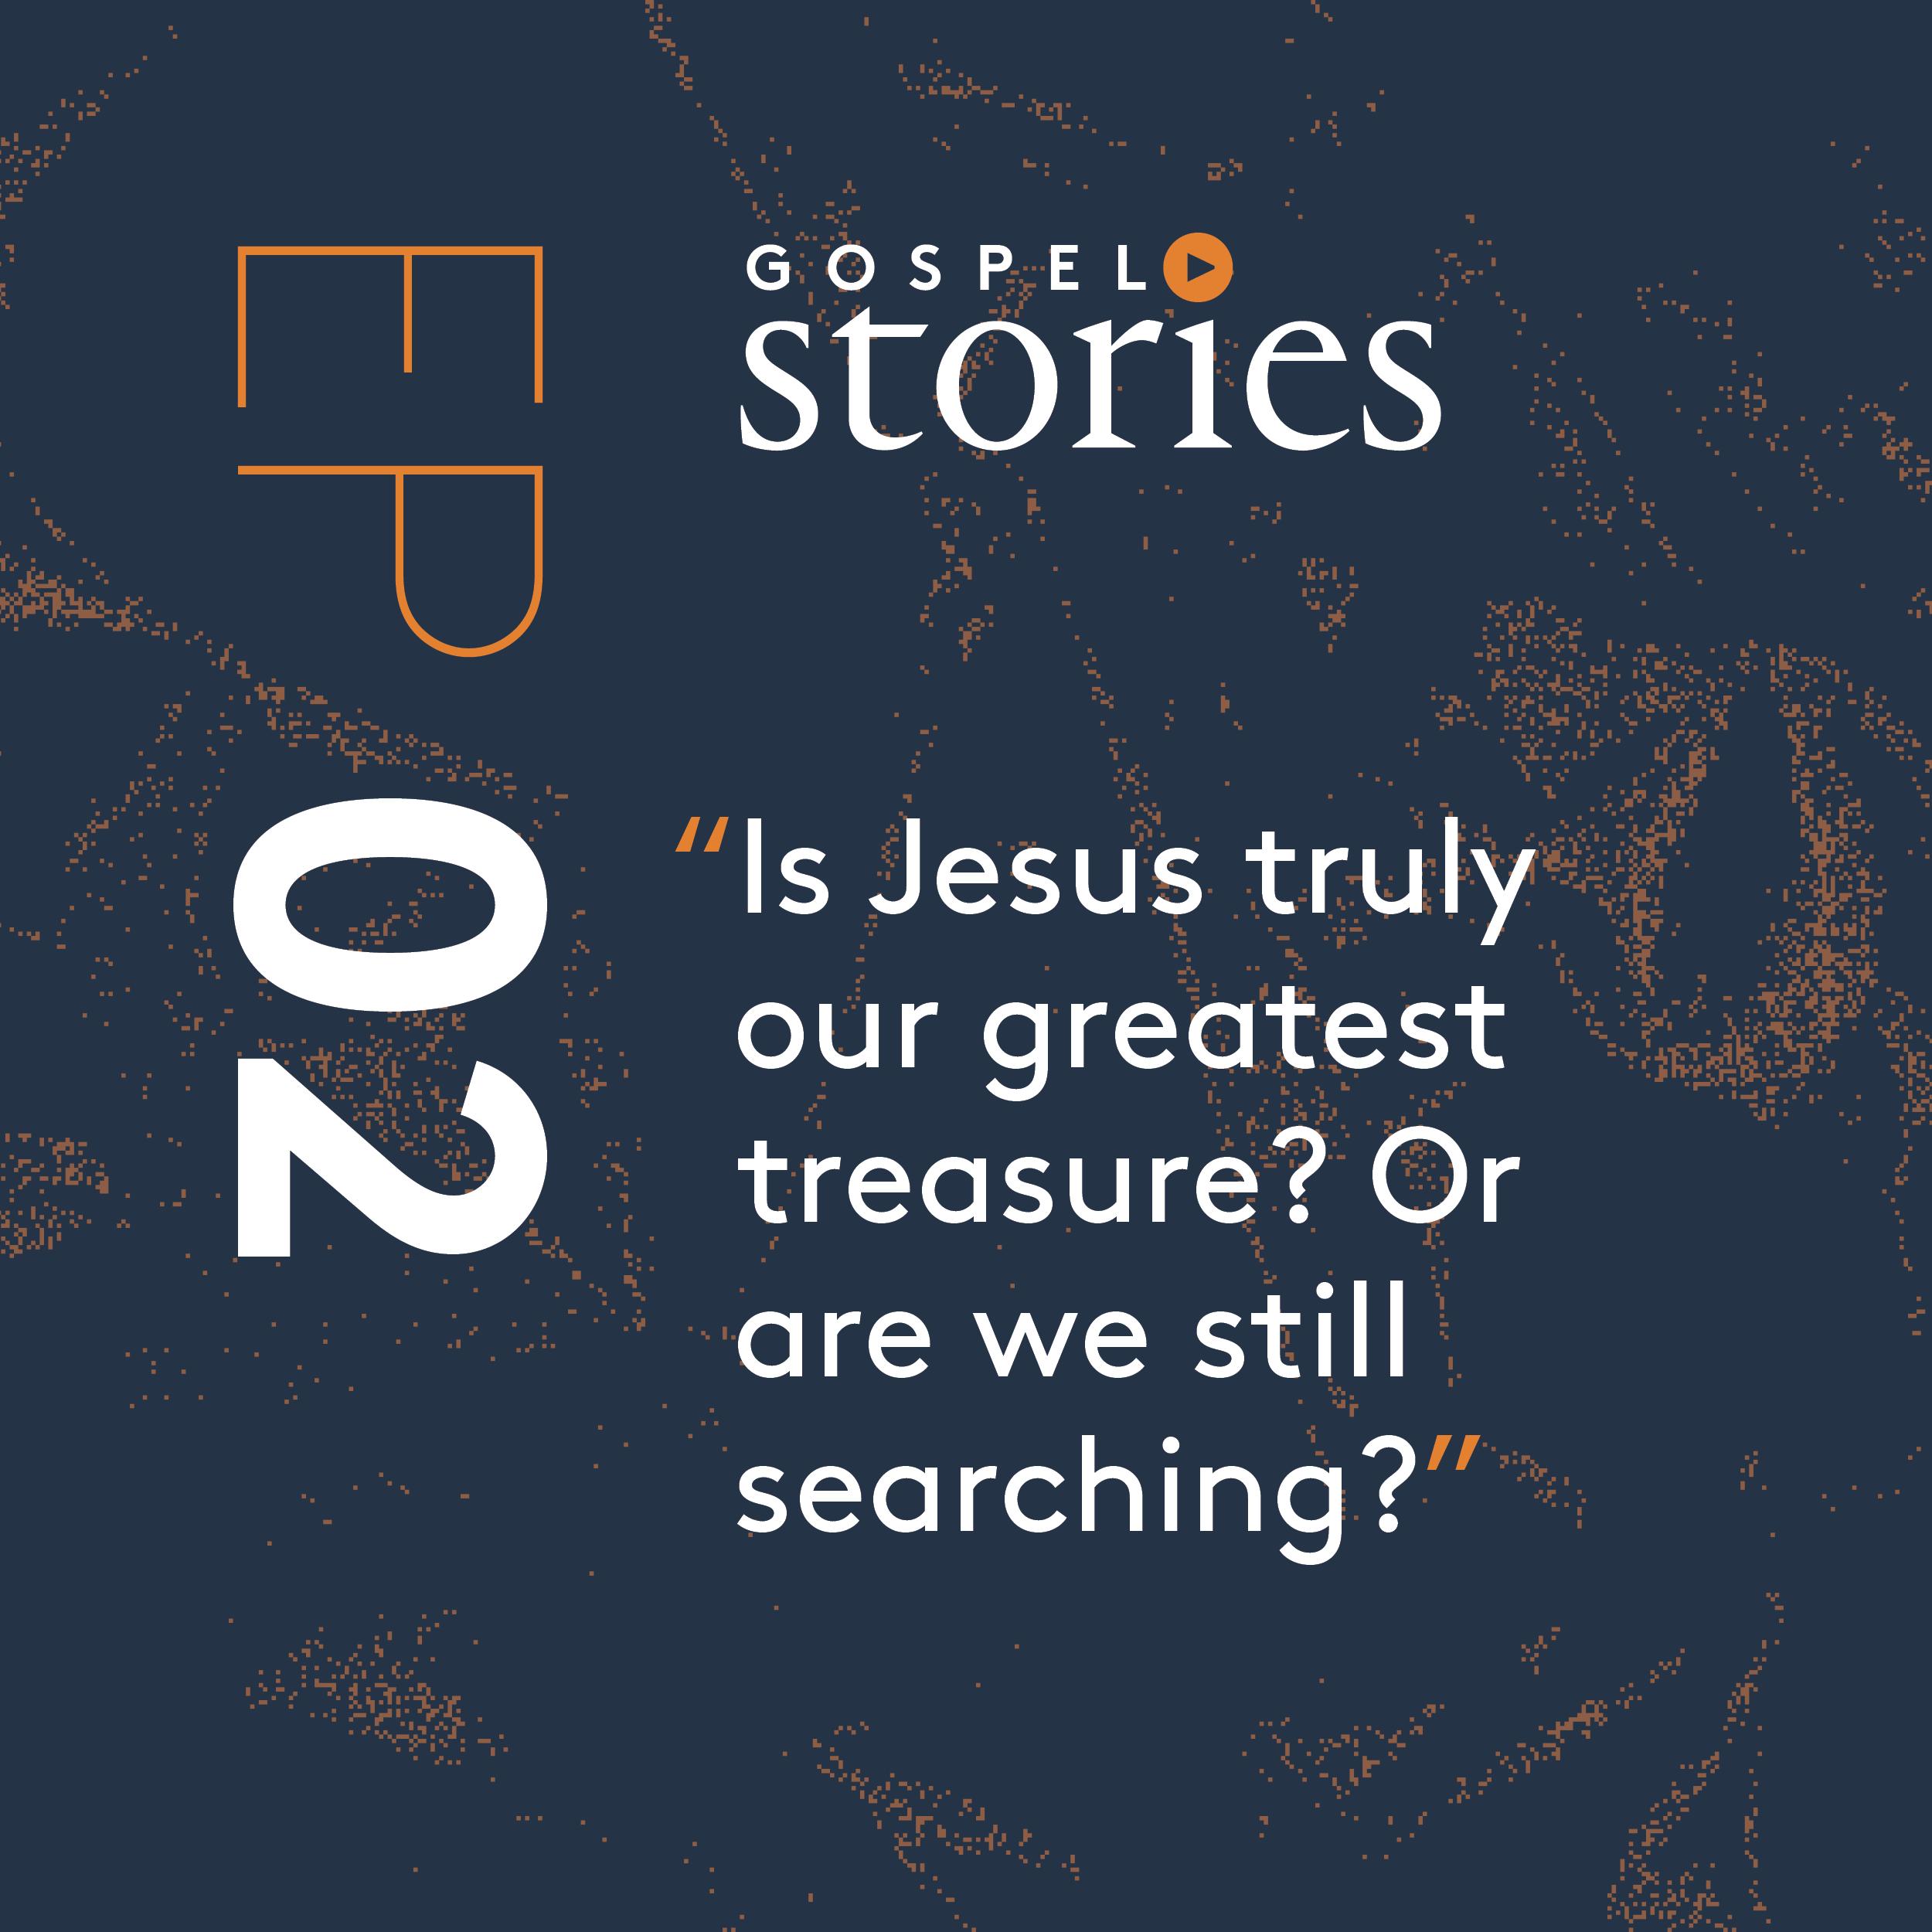 02_Gospel Stories.png